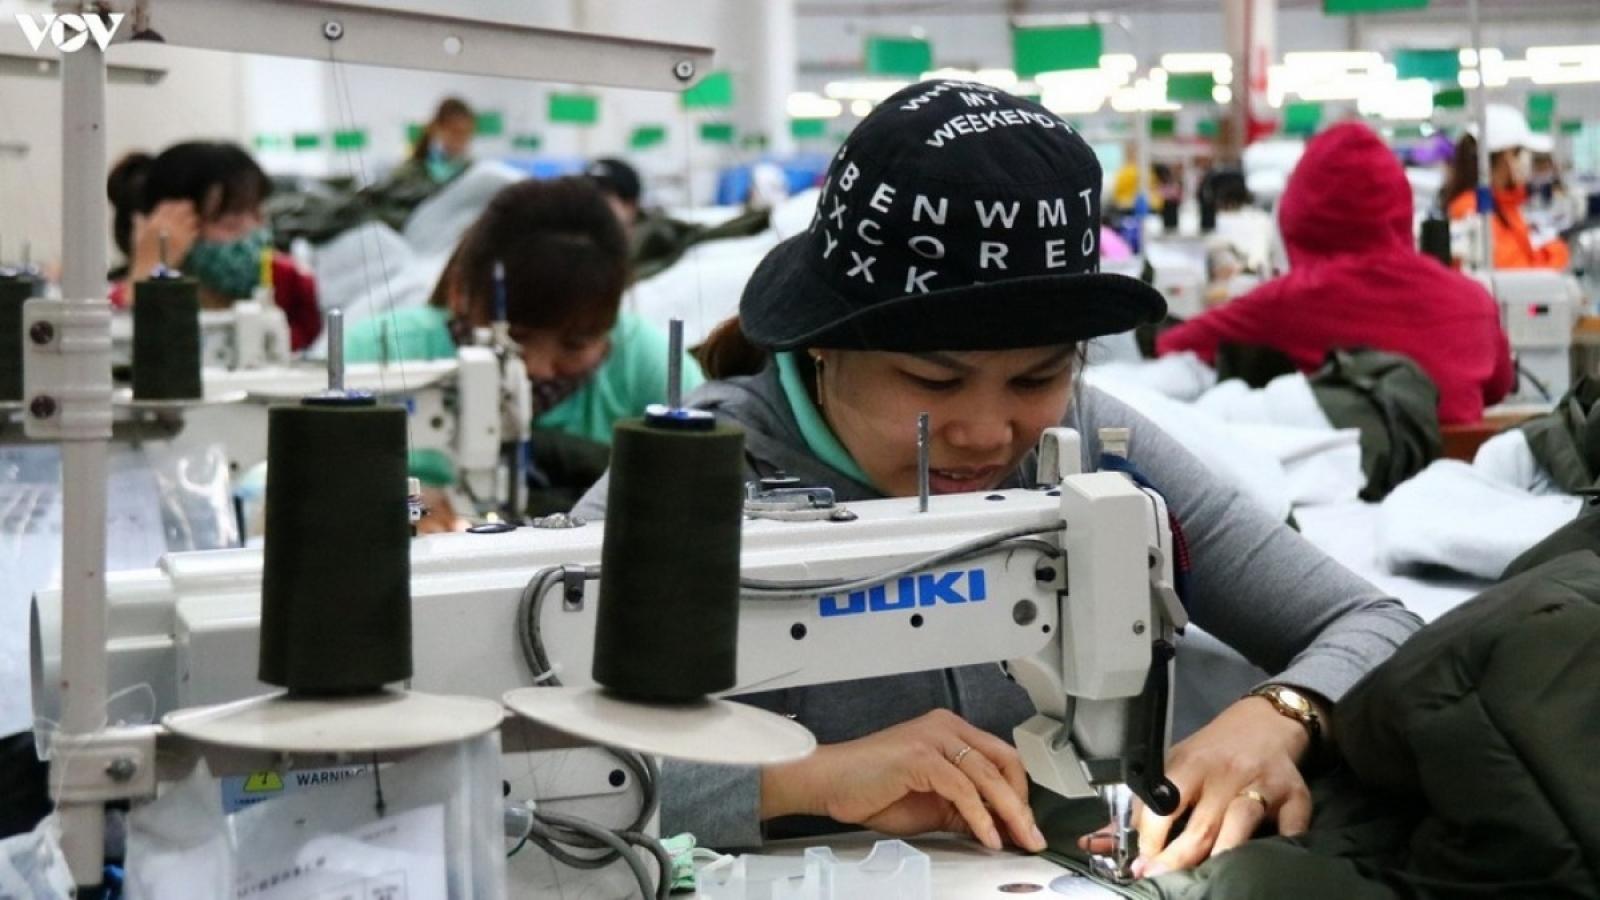 Kiến nghị hỗ trợ lao động thất nghiệp do dịch Covid-19 1 triệu đồng/tháng để học nghề